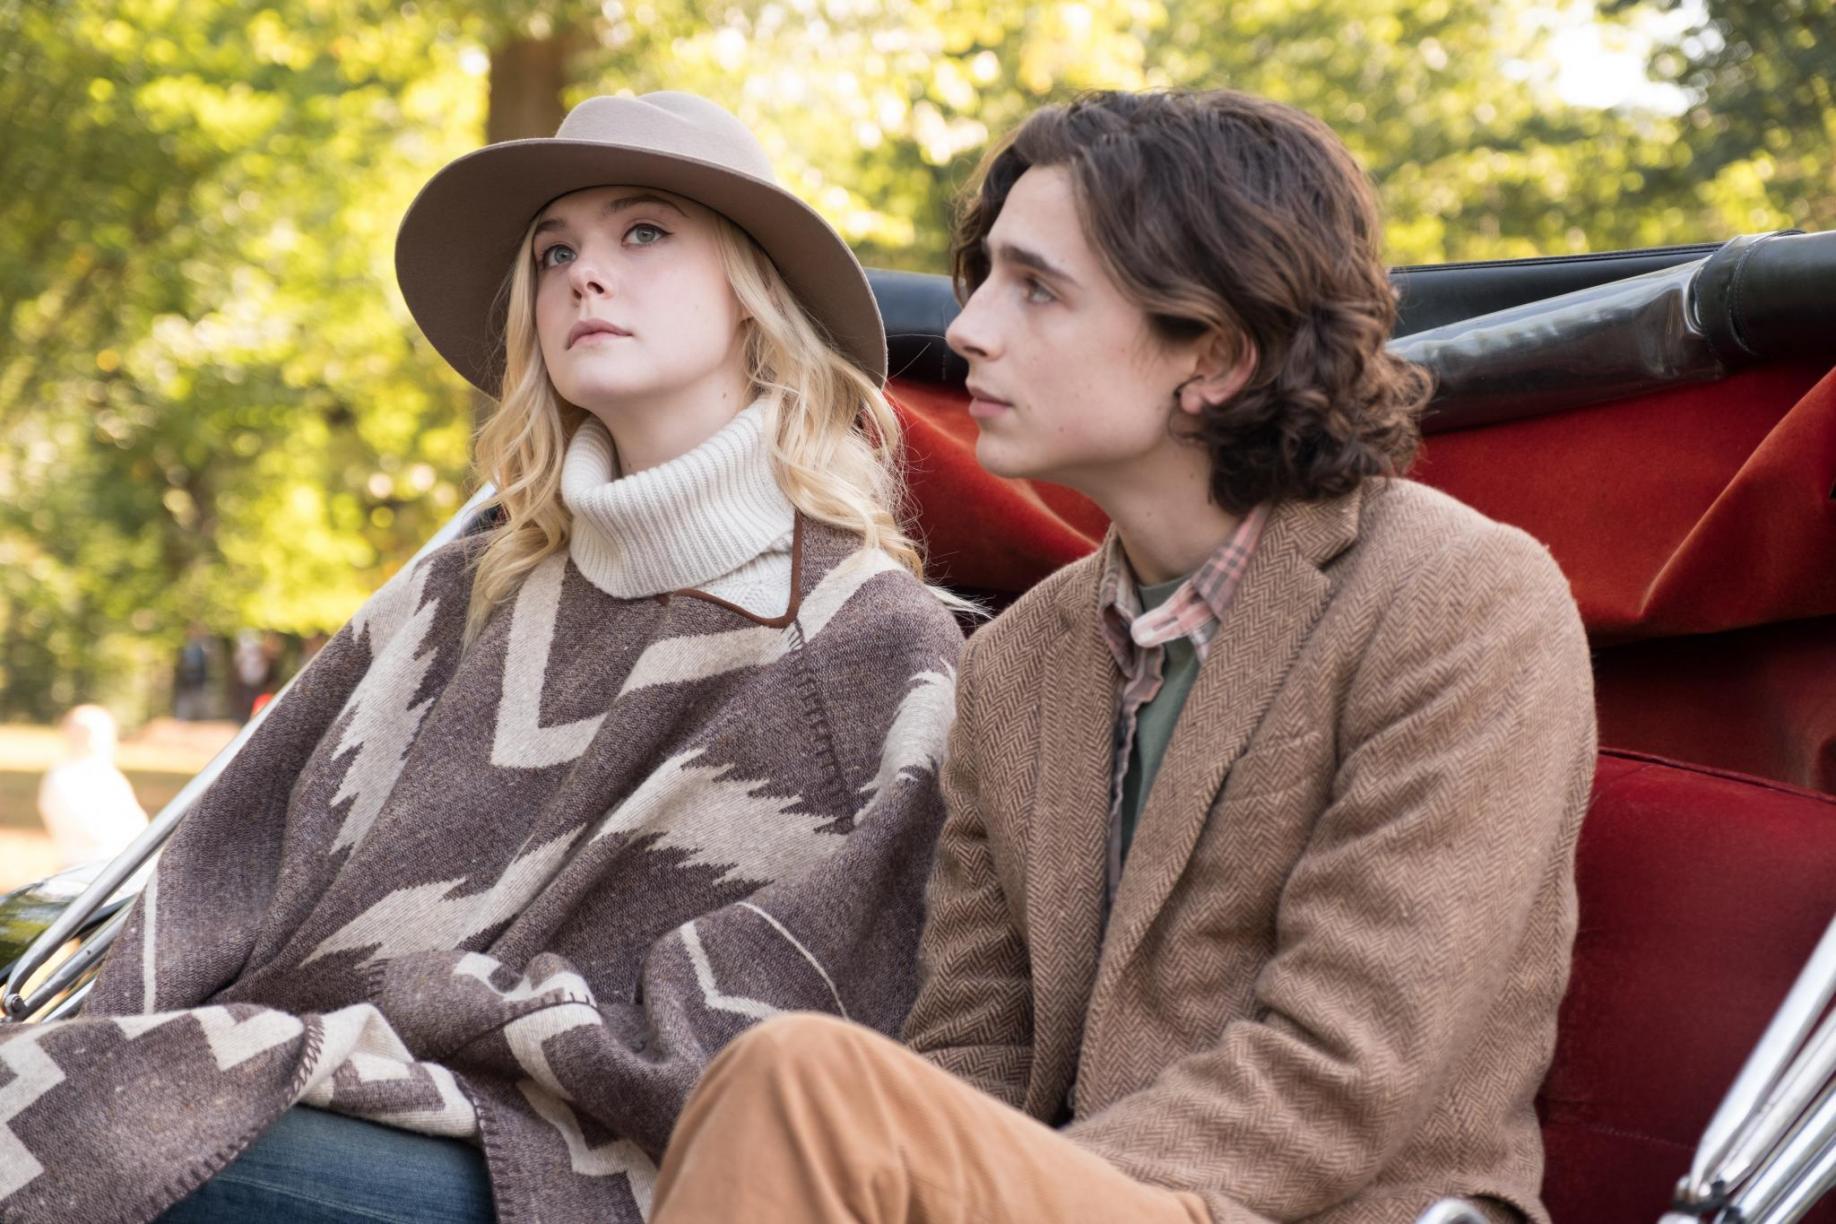 Những tác phẩm làm nên tượng đài của dòng phim tình cảm lãng mạn Woody Allen 7